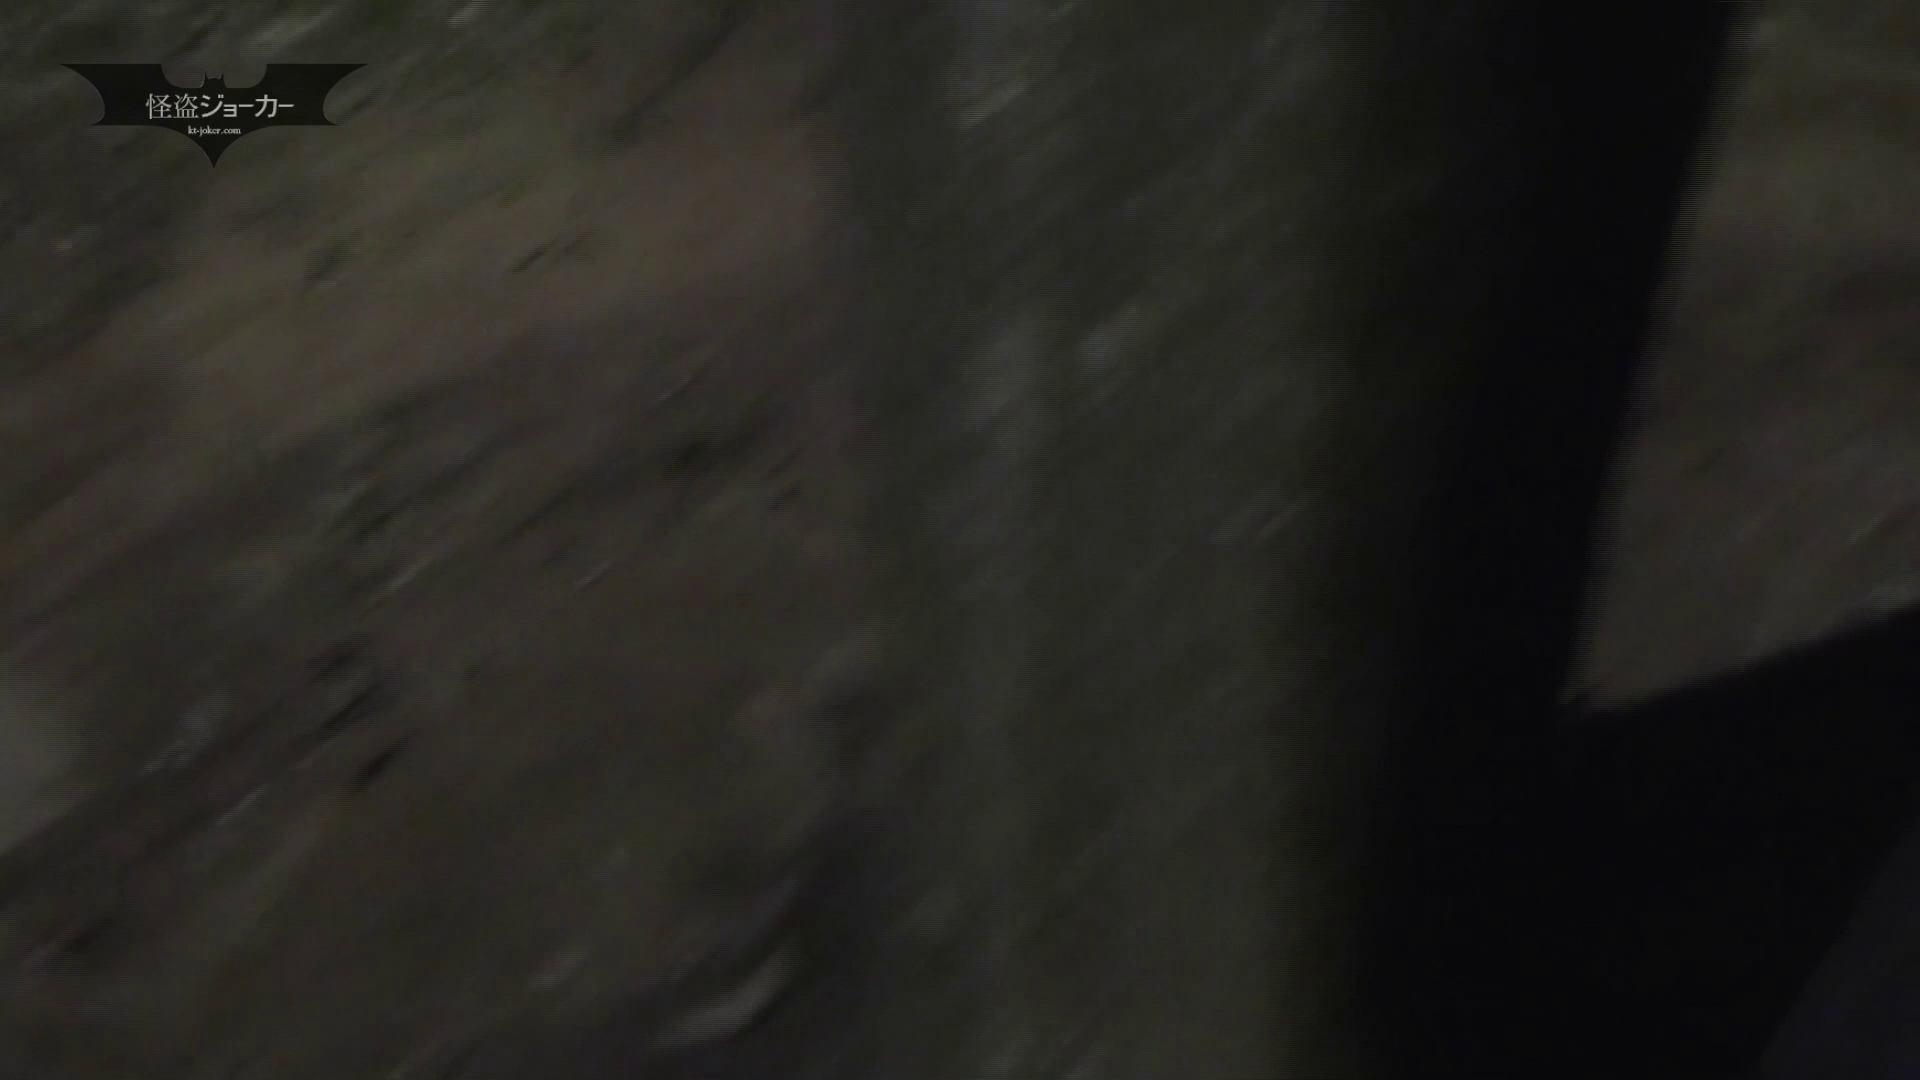 ヒトニアラヅNo.10 雪の様な白い肌 覗き特集   おまんこ無修正  105PIX 5